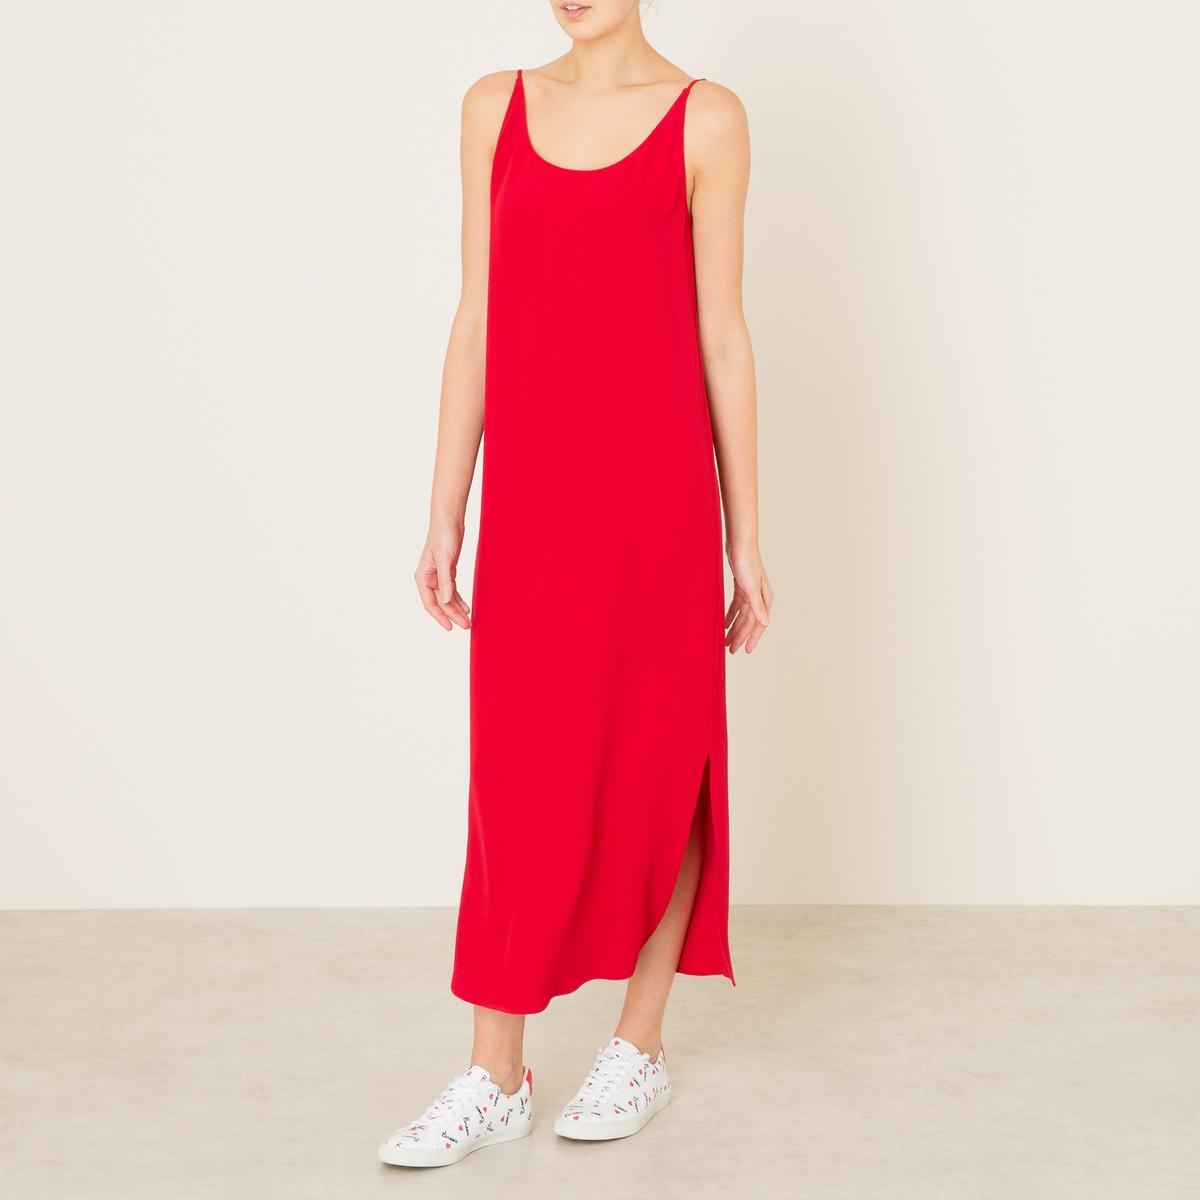 Платье YOYOПлатье BA&amp;SH - модель YOYO из струящейся ткани . Круглый вырез спереди, V-образный вырез сзади. тонкие бретели. Длина до колена. Состав и описание    Материал : 100% вискоза   Марка : BA&amp;SH<br><br>Цвет: красный<br>Размер: L